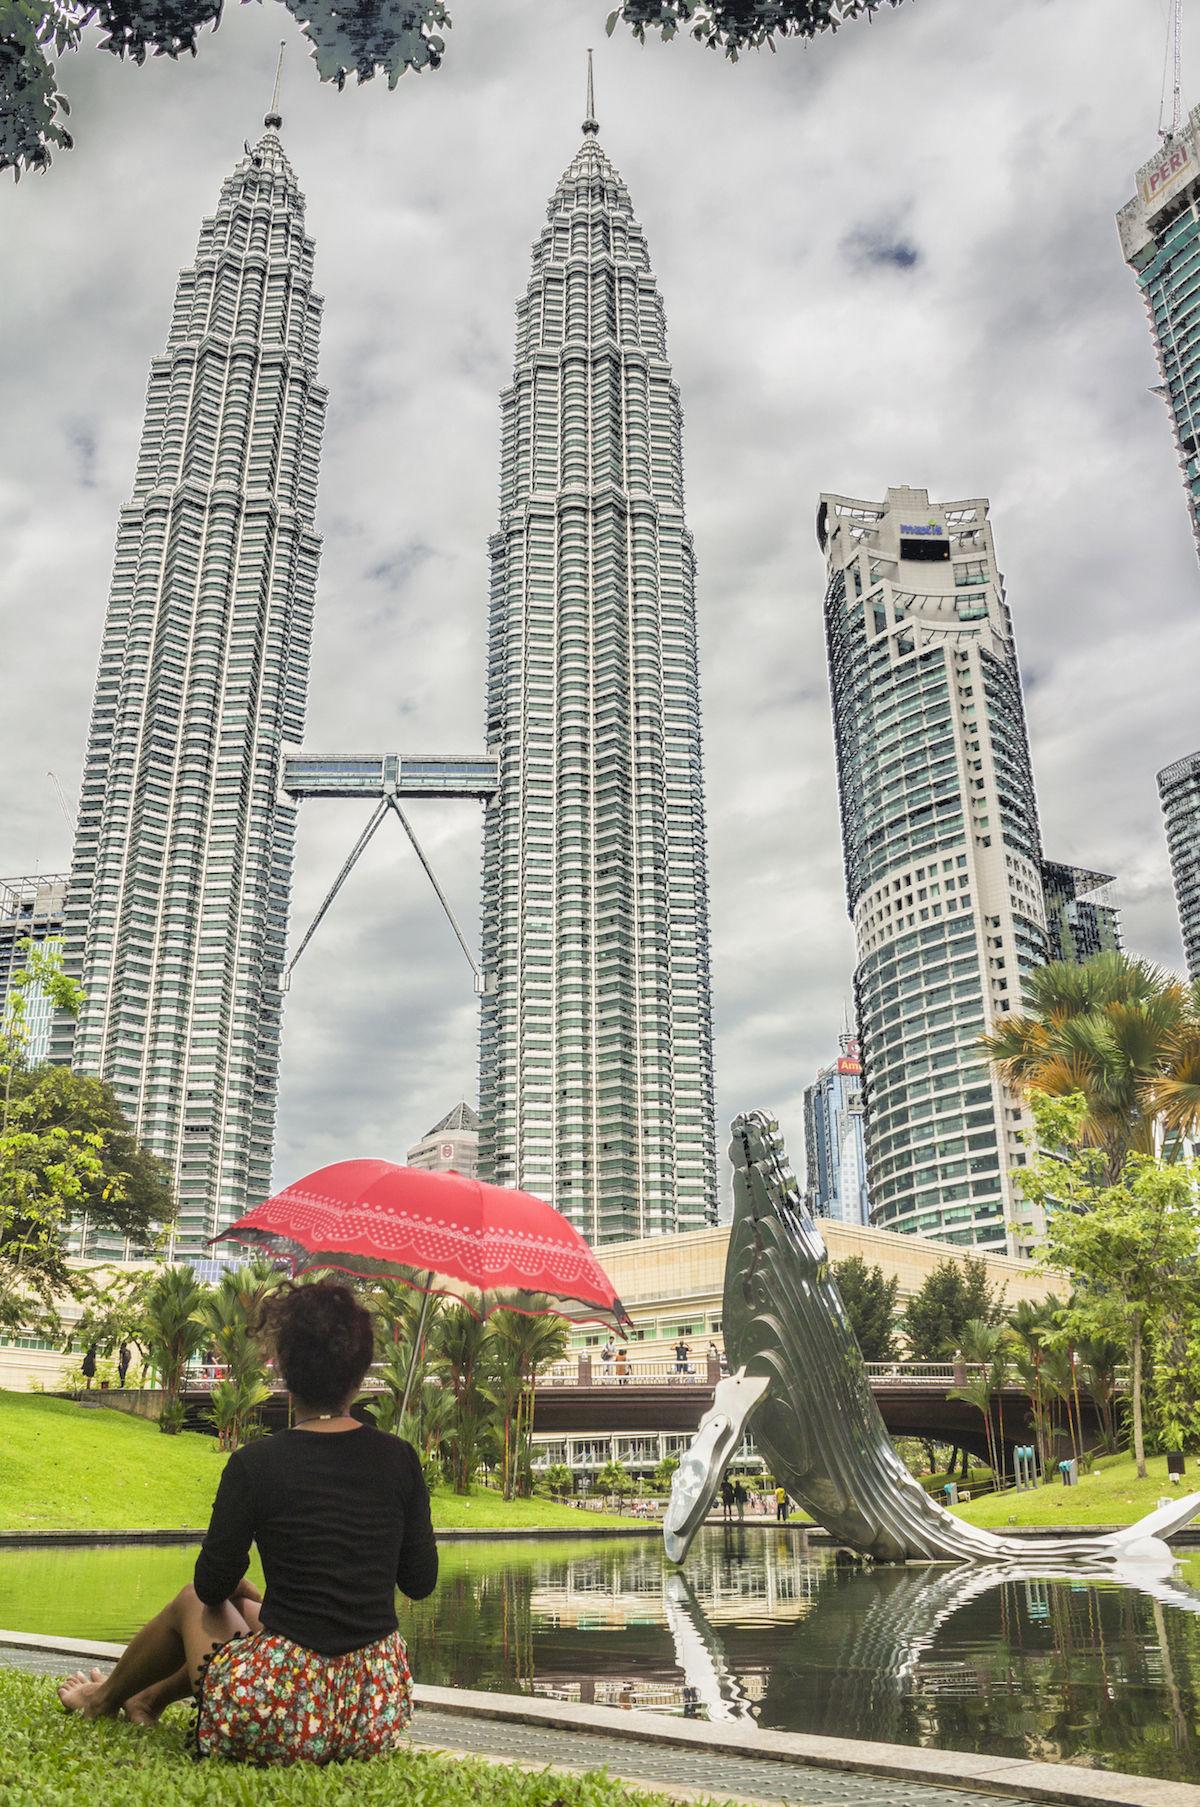 Photo of Malaysia By Jili M. Wanderess